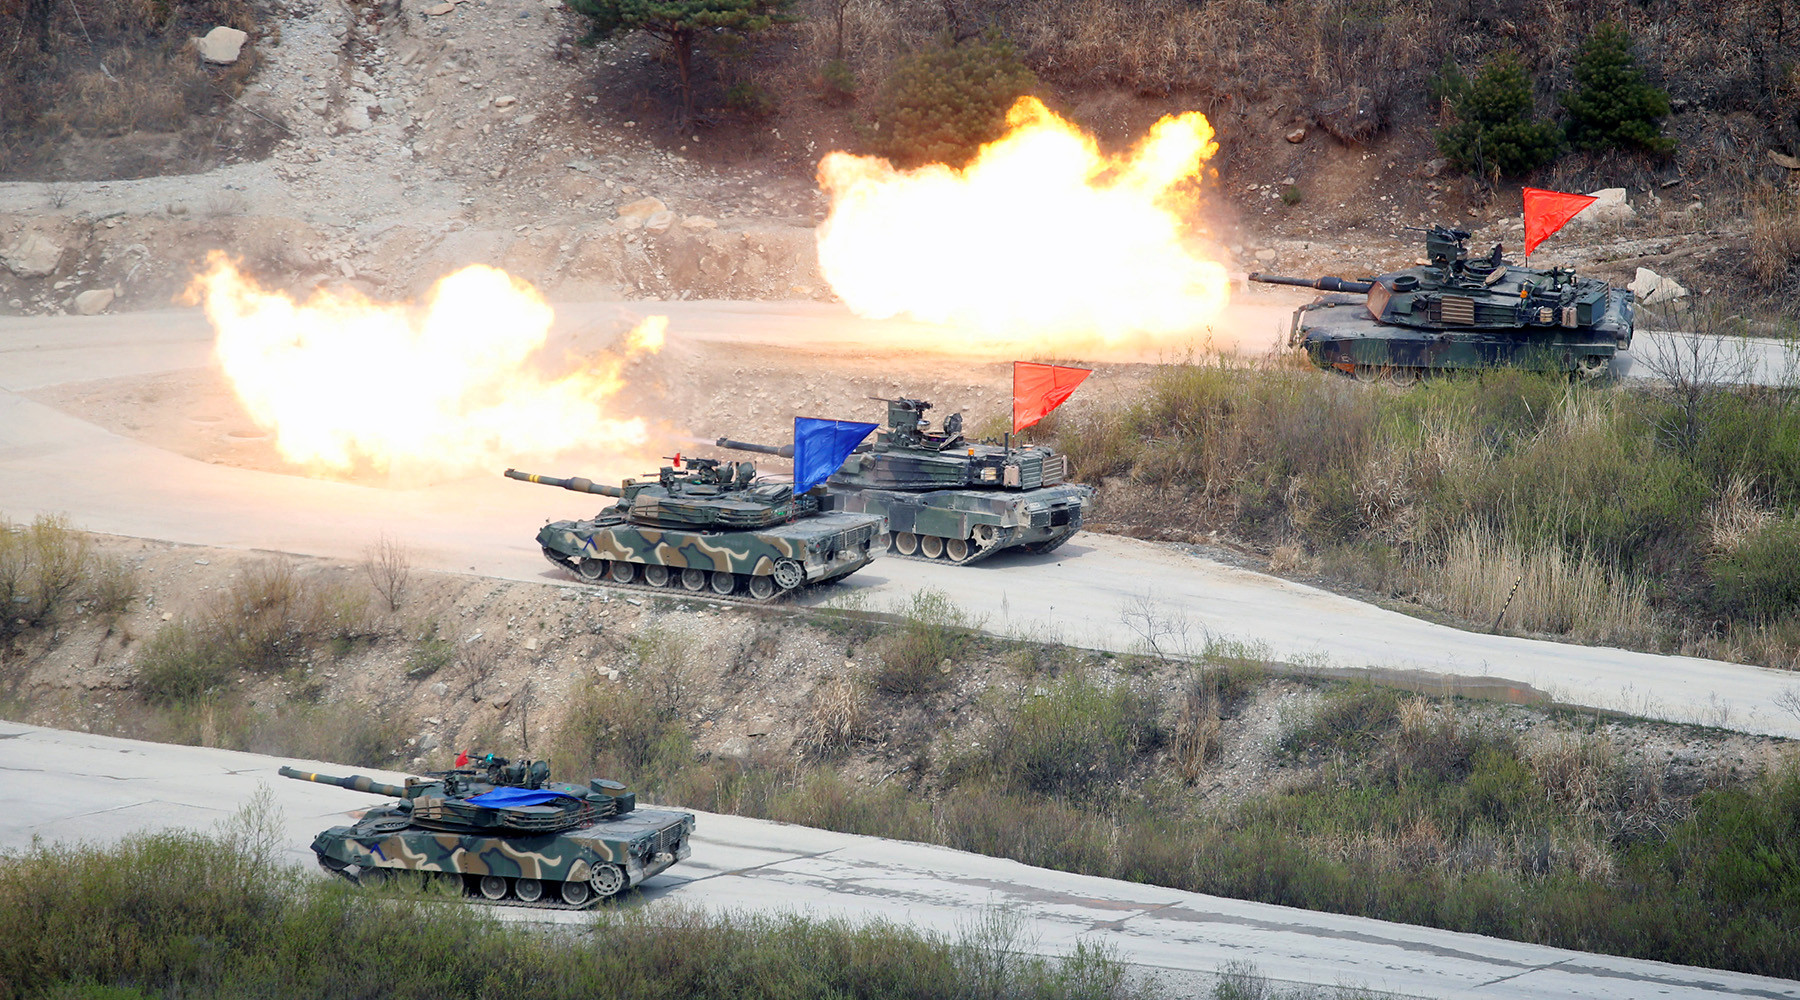 Сценарий военного бездействия: в Британии разрабатывают план на случай обострения конфликта на Корейском полуострове